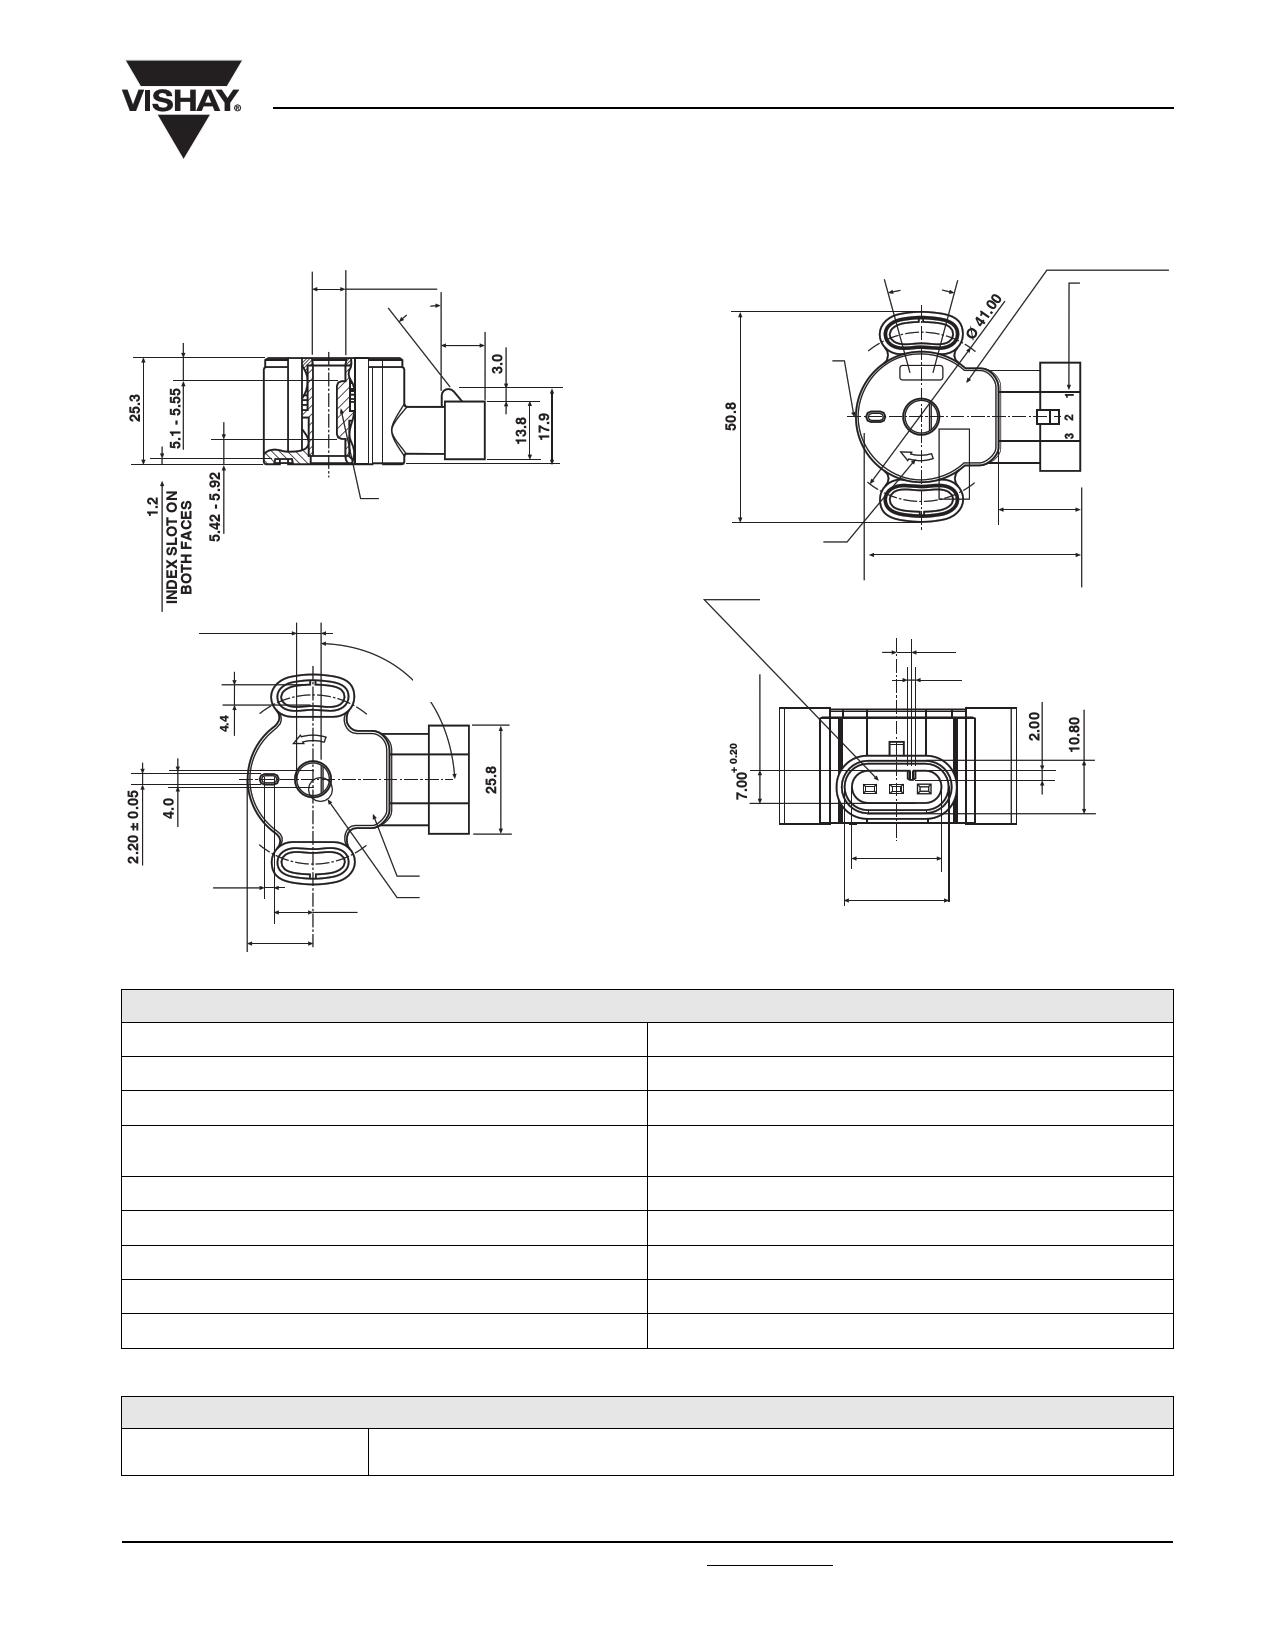 970-1036 pdf, schematic